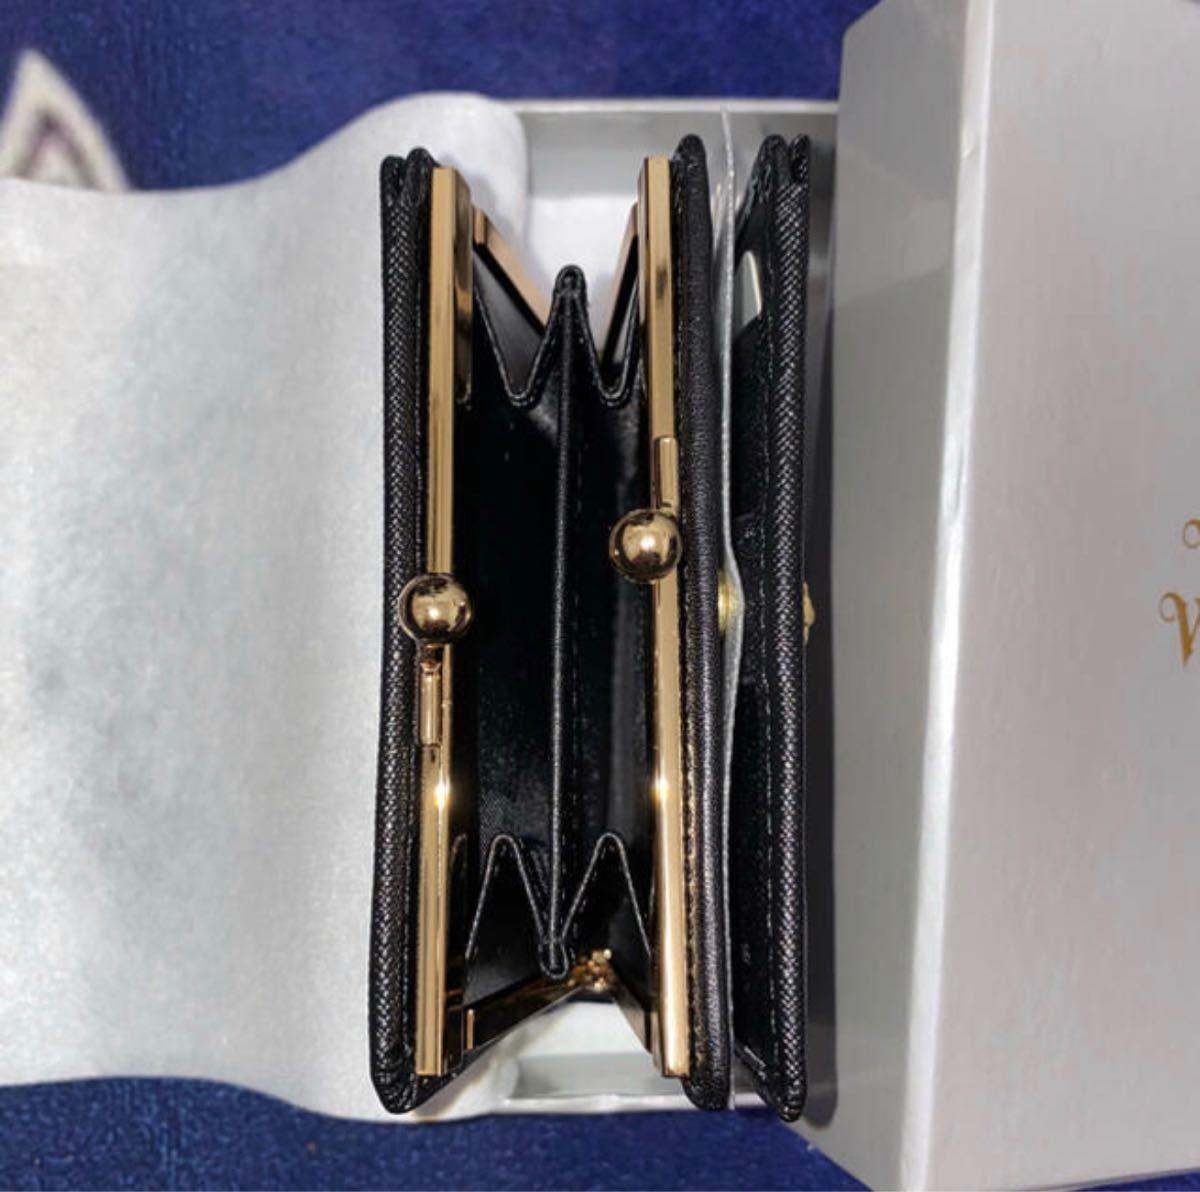 ヴィヴィアンウエストウッド 新品未使用 財布 二つ折り財布 vivienne westwood がま口 黒 小銭入れ がま口財布